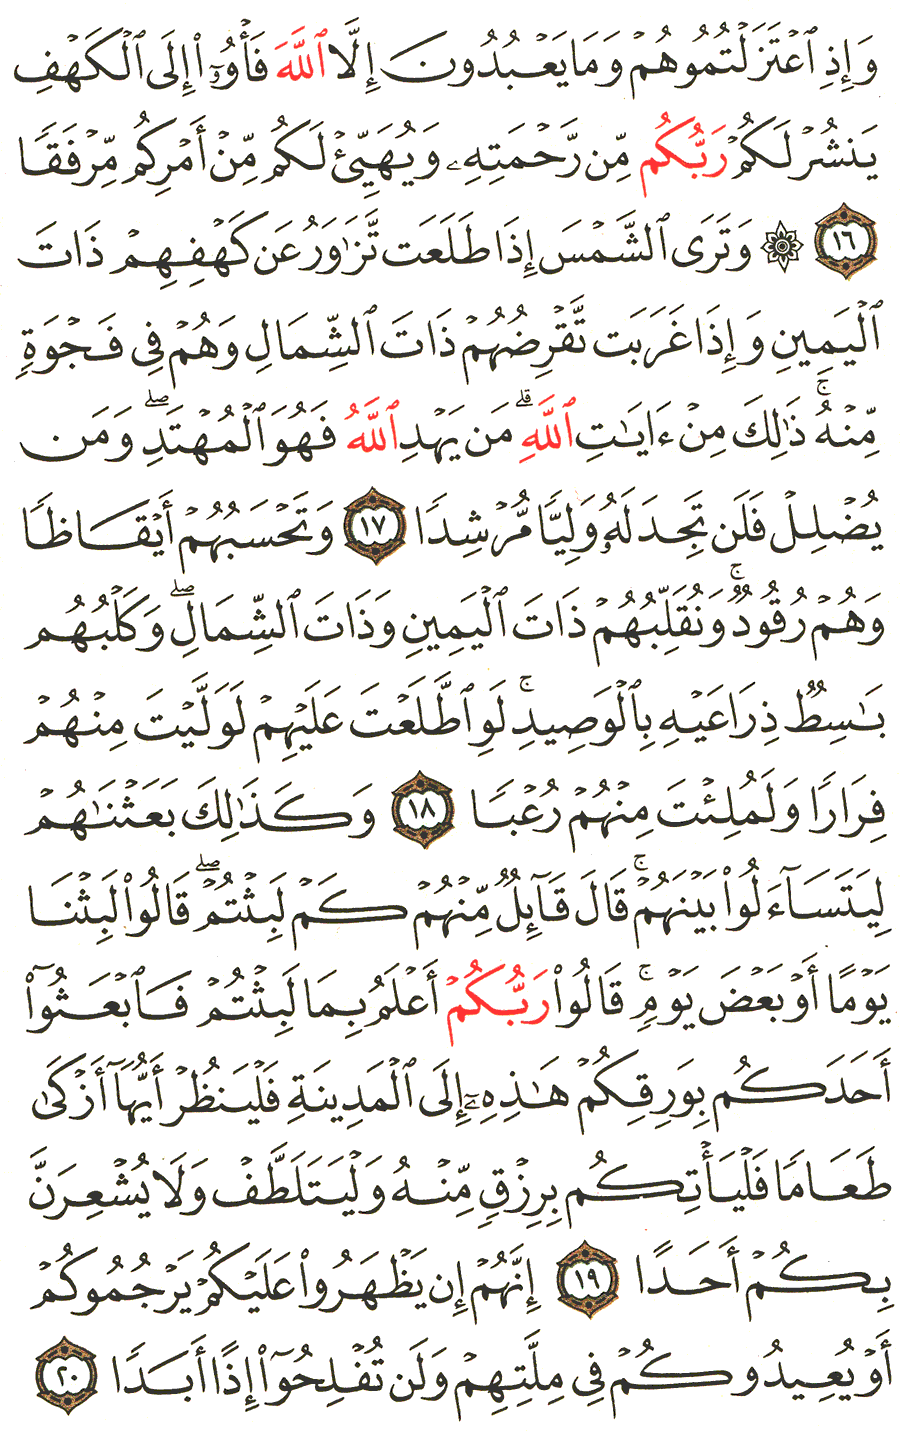 تفسير الآية 16 إلى 20 من سورة الكهف المختصر في التفسير